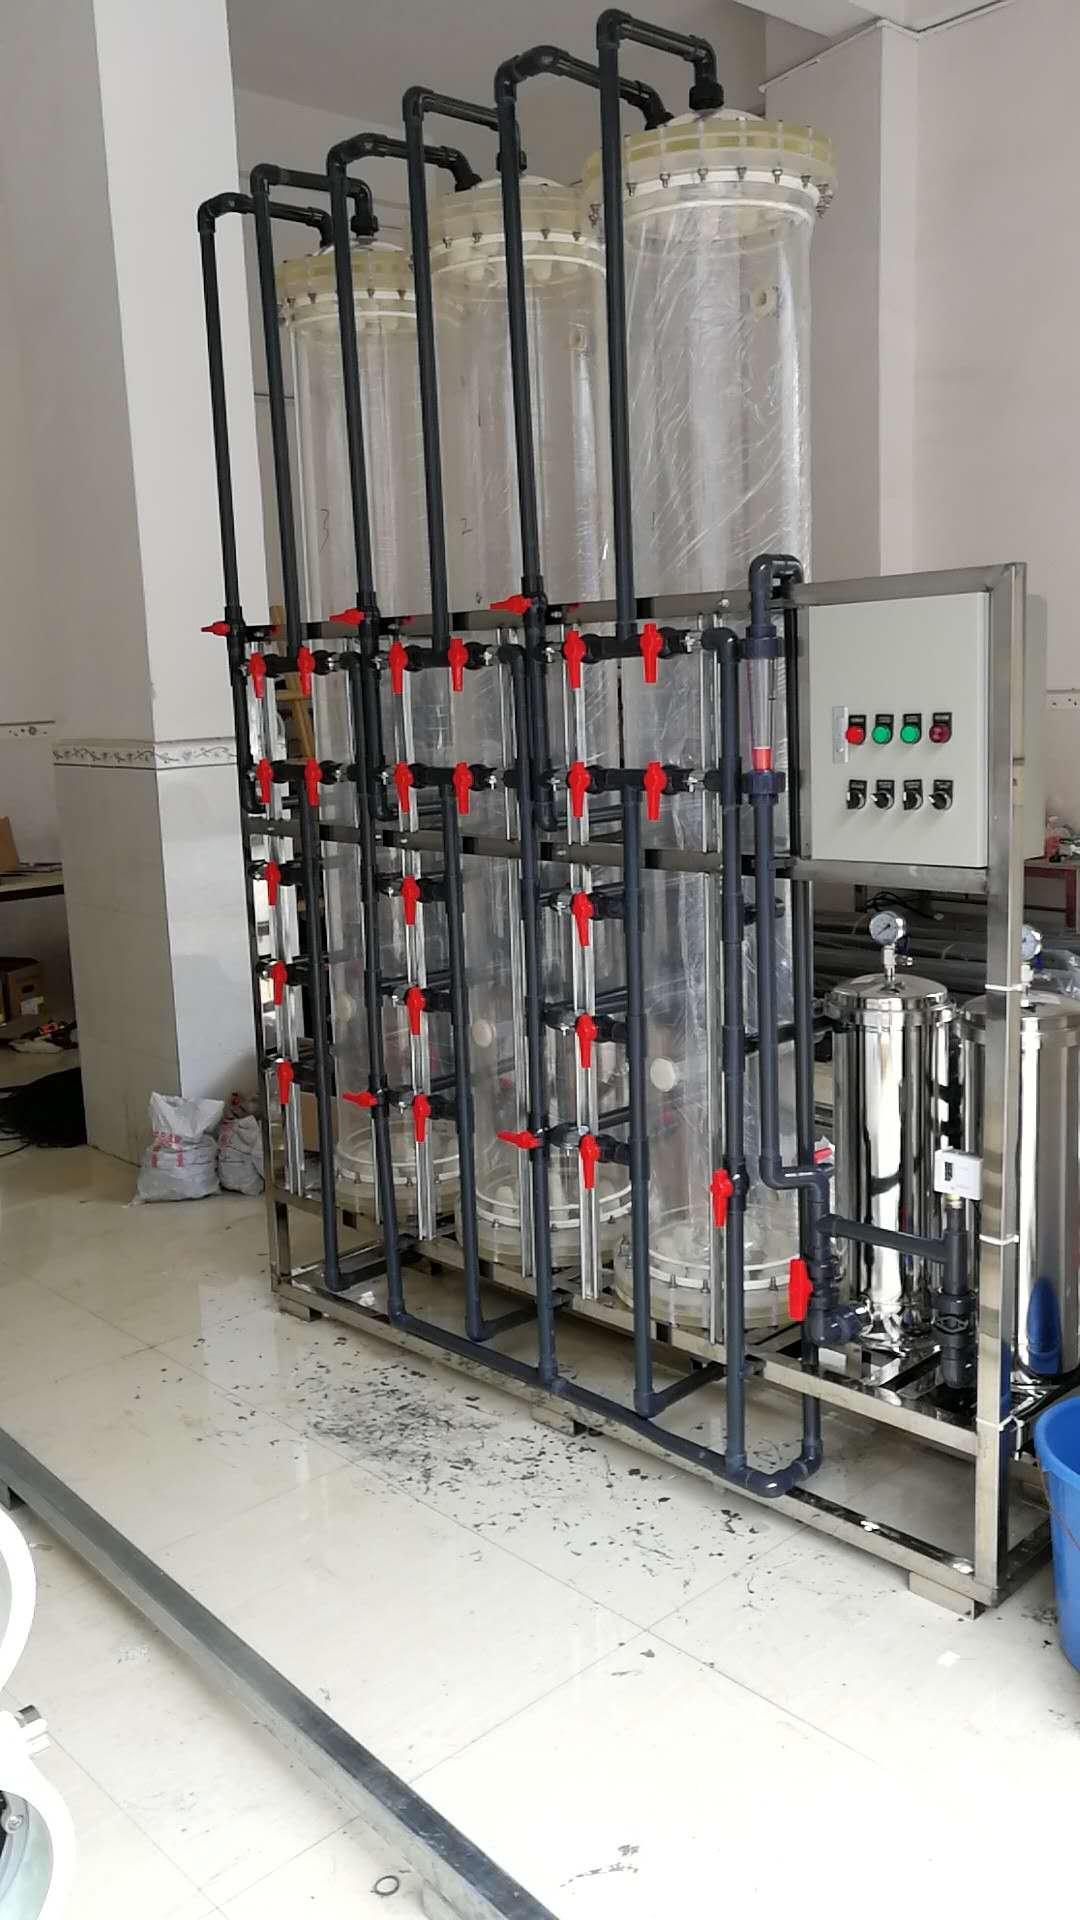 東莞市水視界水處理離子交換設備|陽離子交換柱 性價比優越